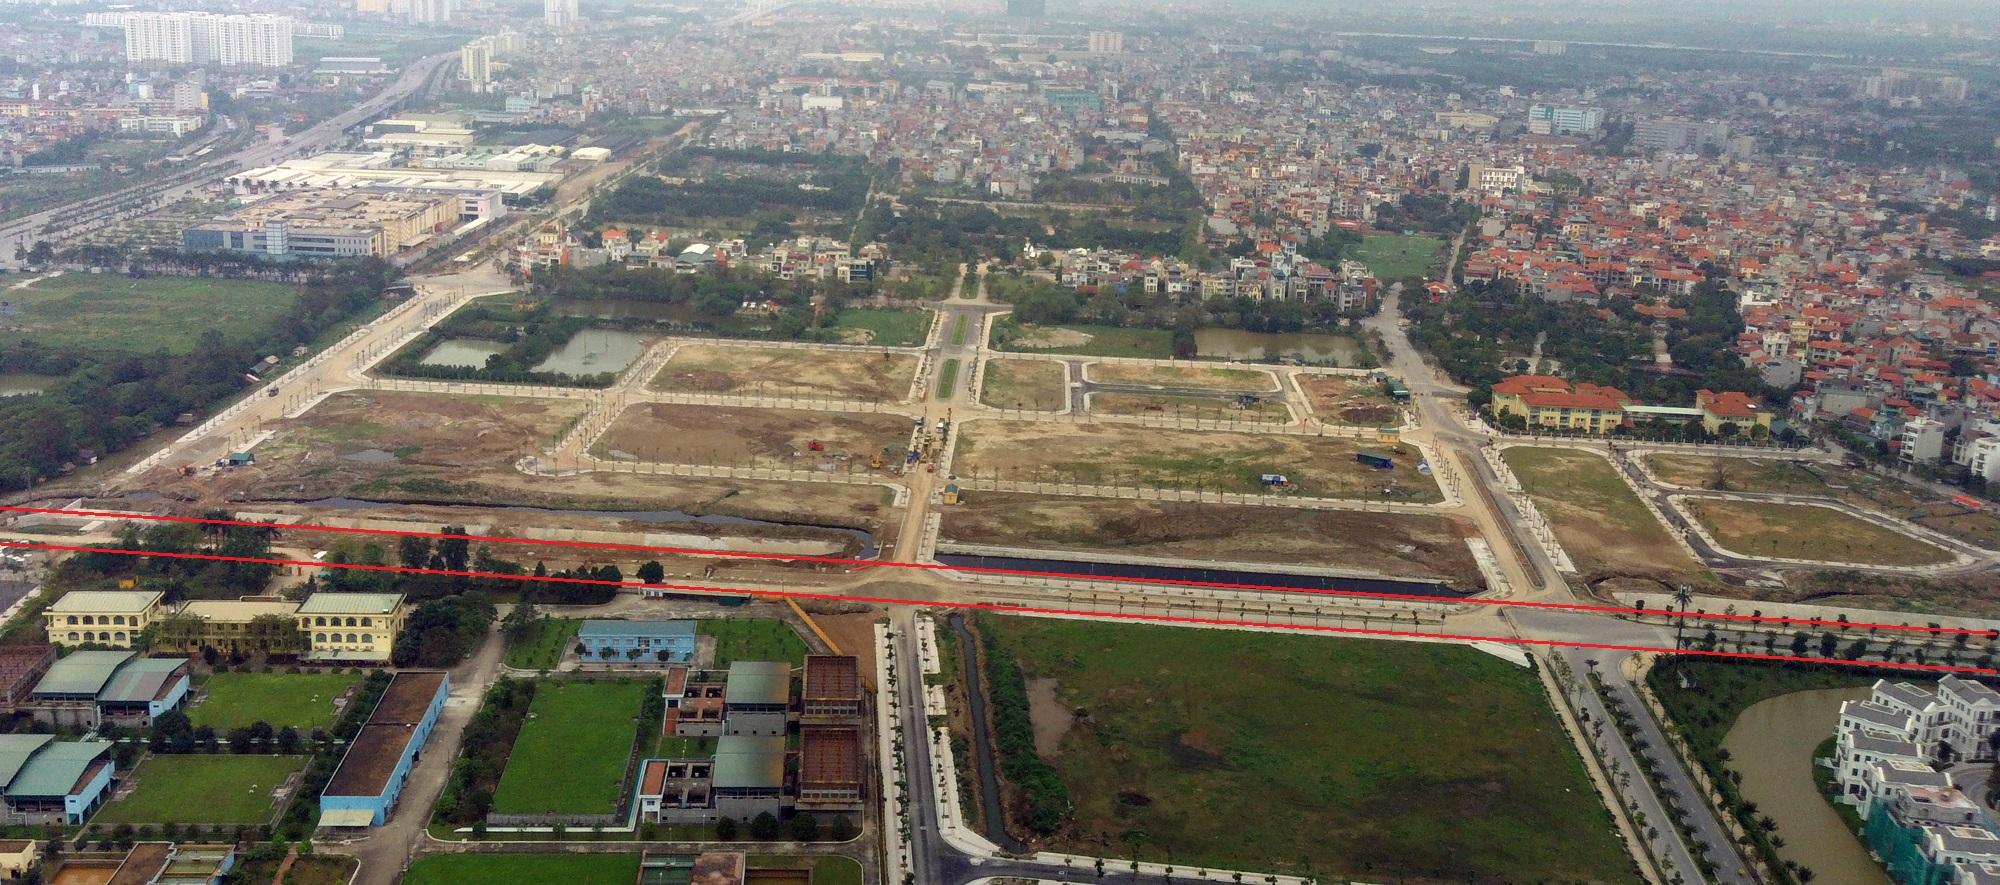 đường sẽ mở theo qui hoạch ở phường Phúc Đồng, Long Biên, Hà Nội - Ảnh 12.